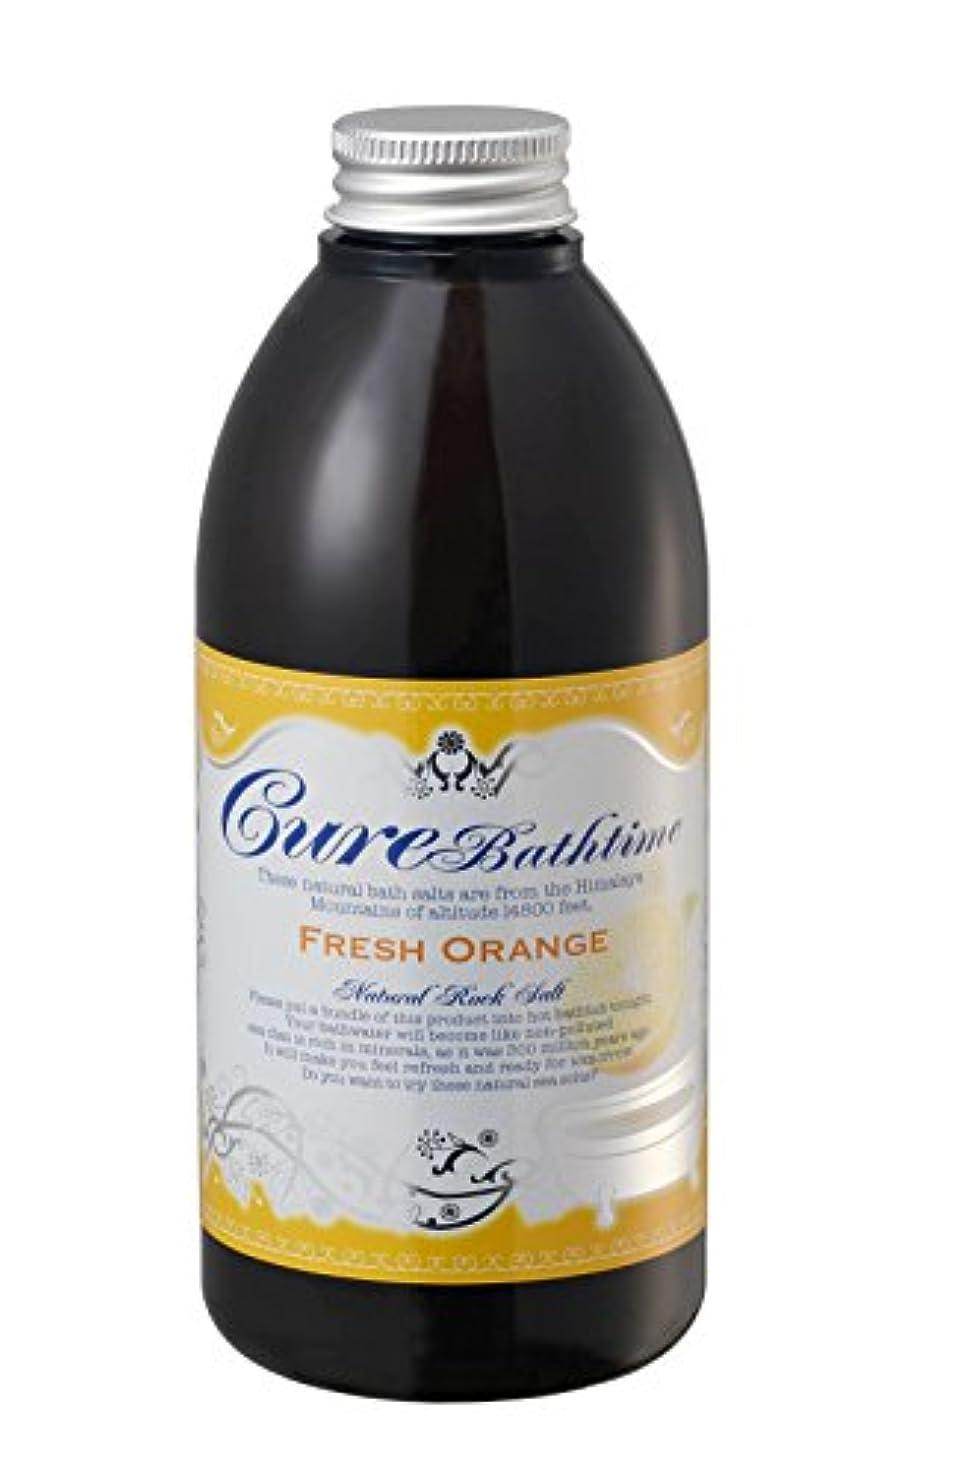 精度仲人によるとCure(キュア) ヒマラヤ岩塩バスソルト Cureバスタイム フレッシュオレンジの香り500g 入浴剤 500g